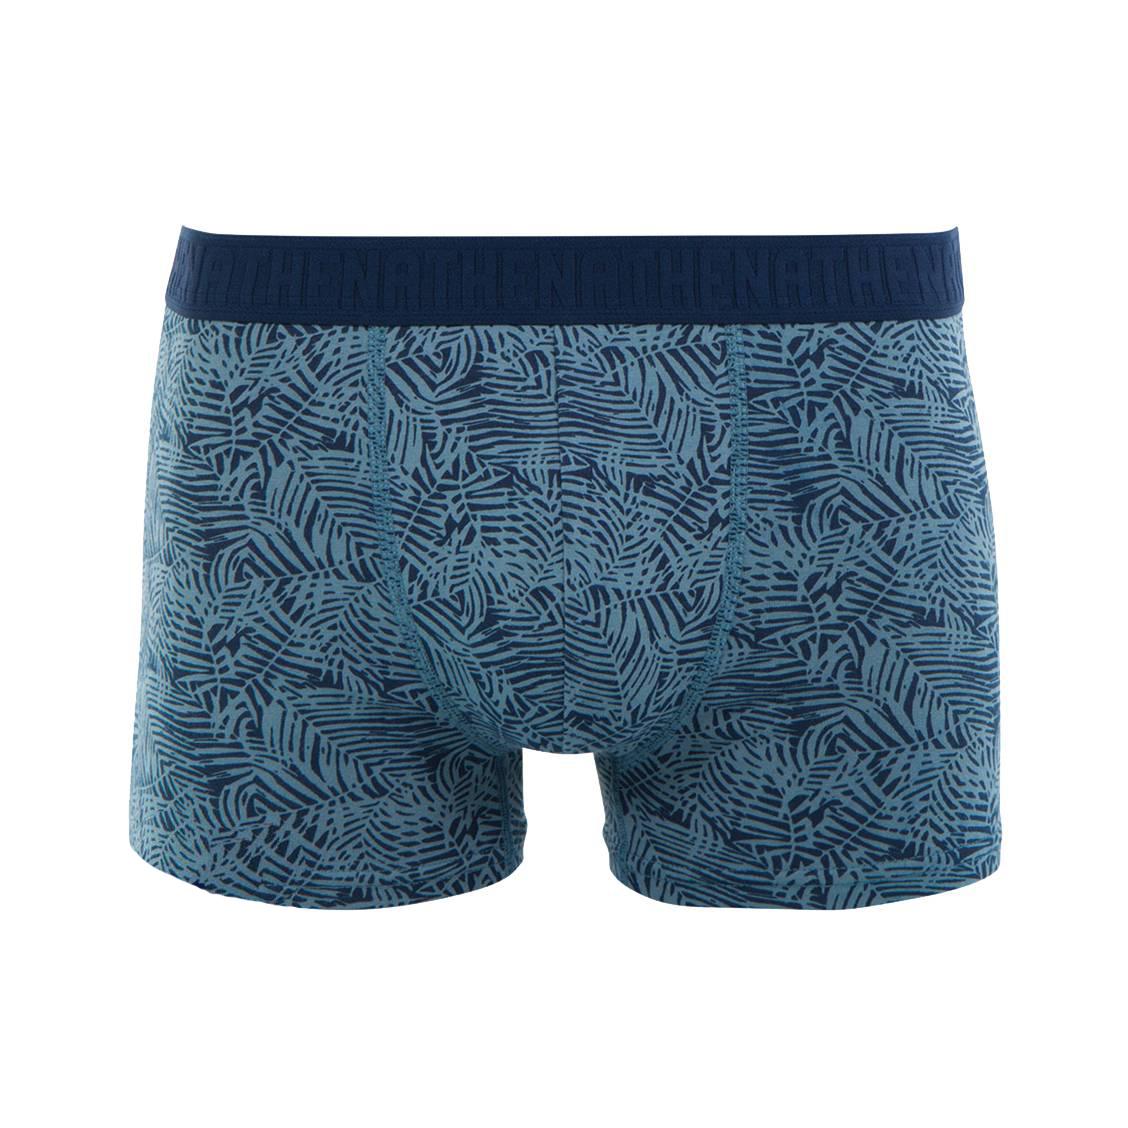 Boxer  en coton stretch bleu marine à imprimé feuillage bleu acier